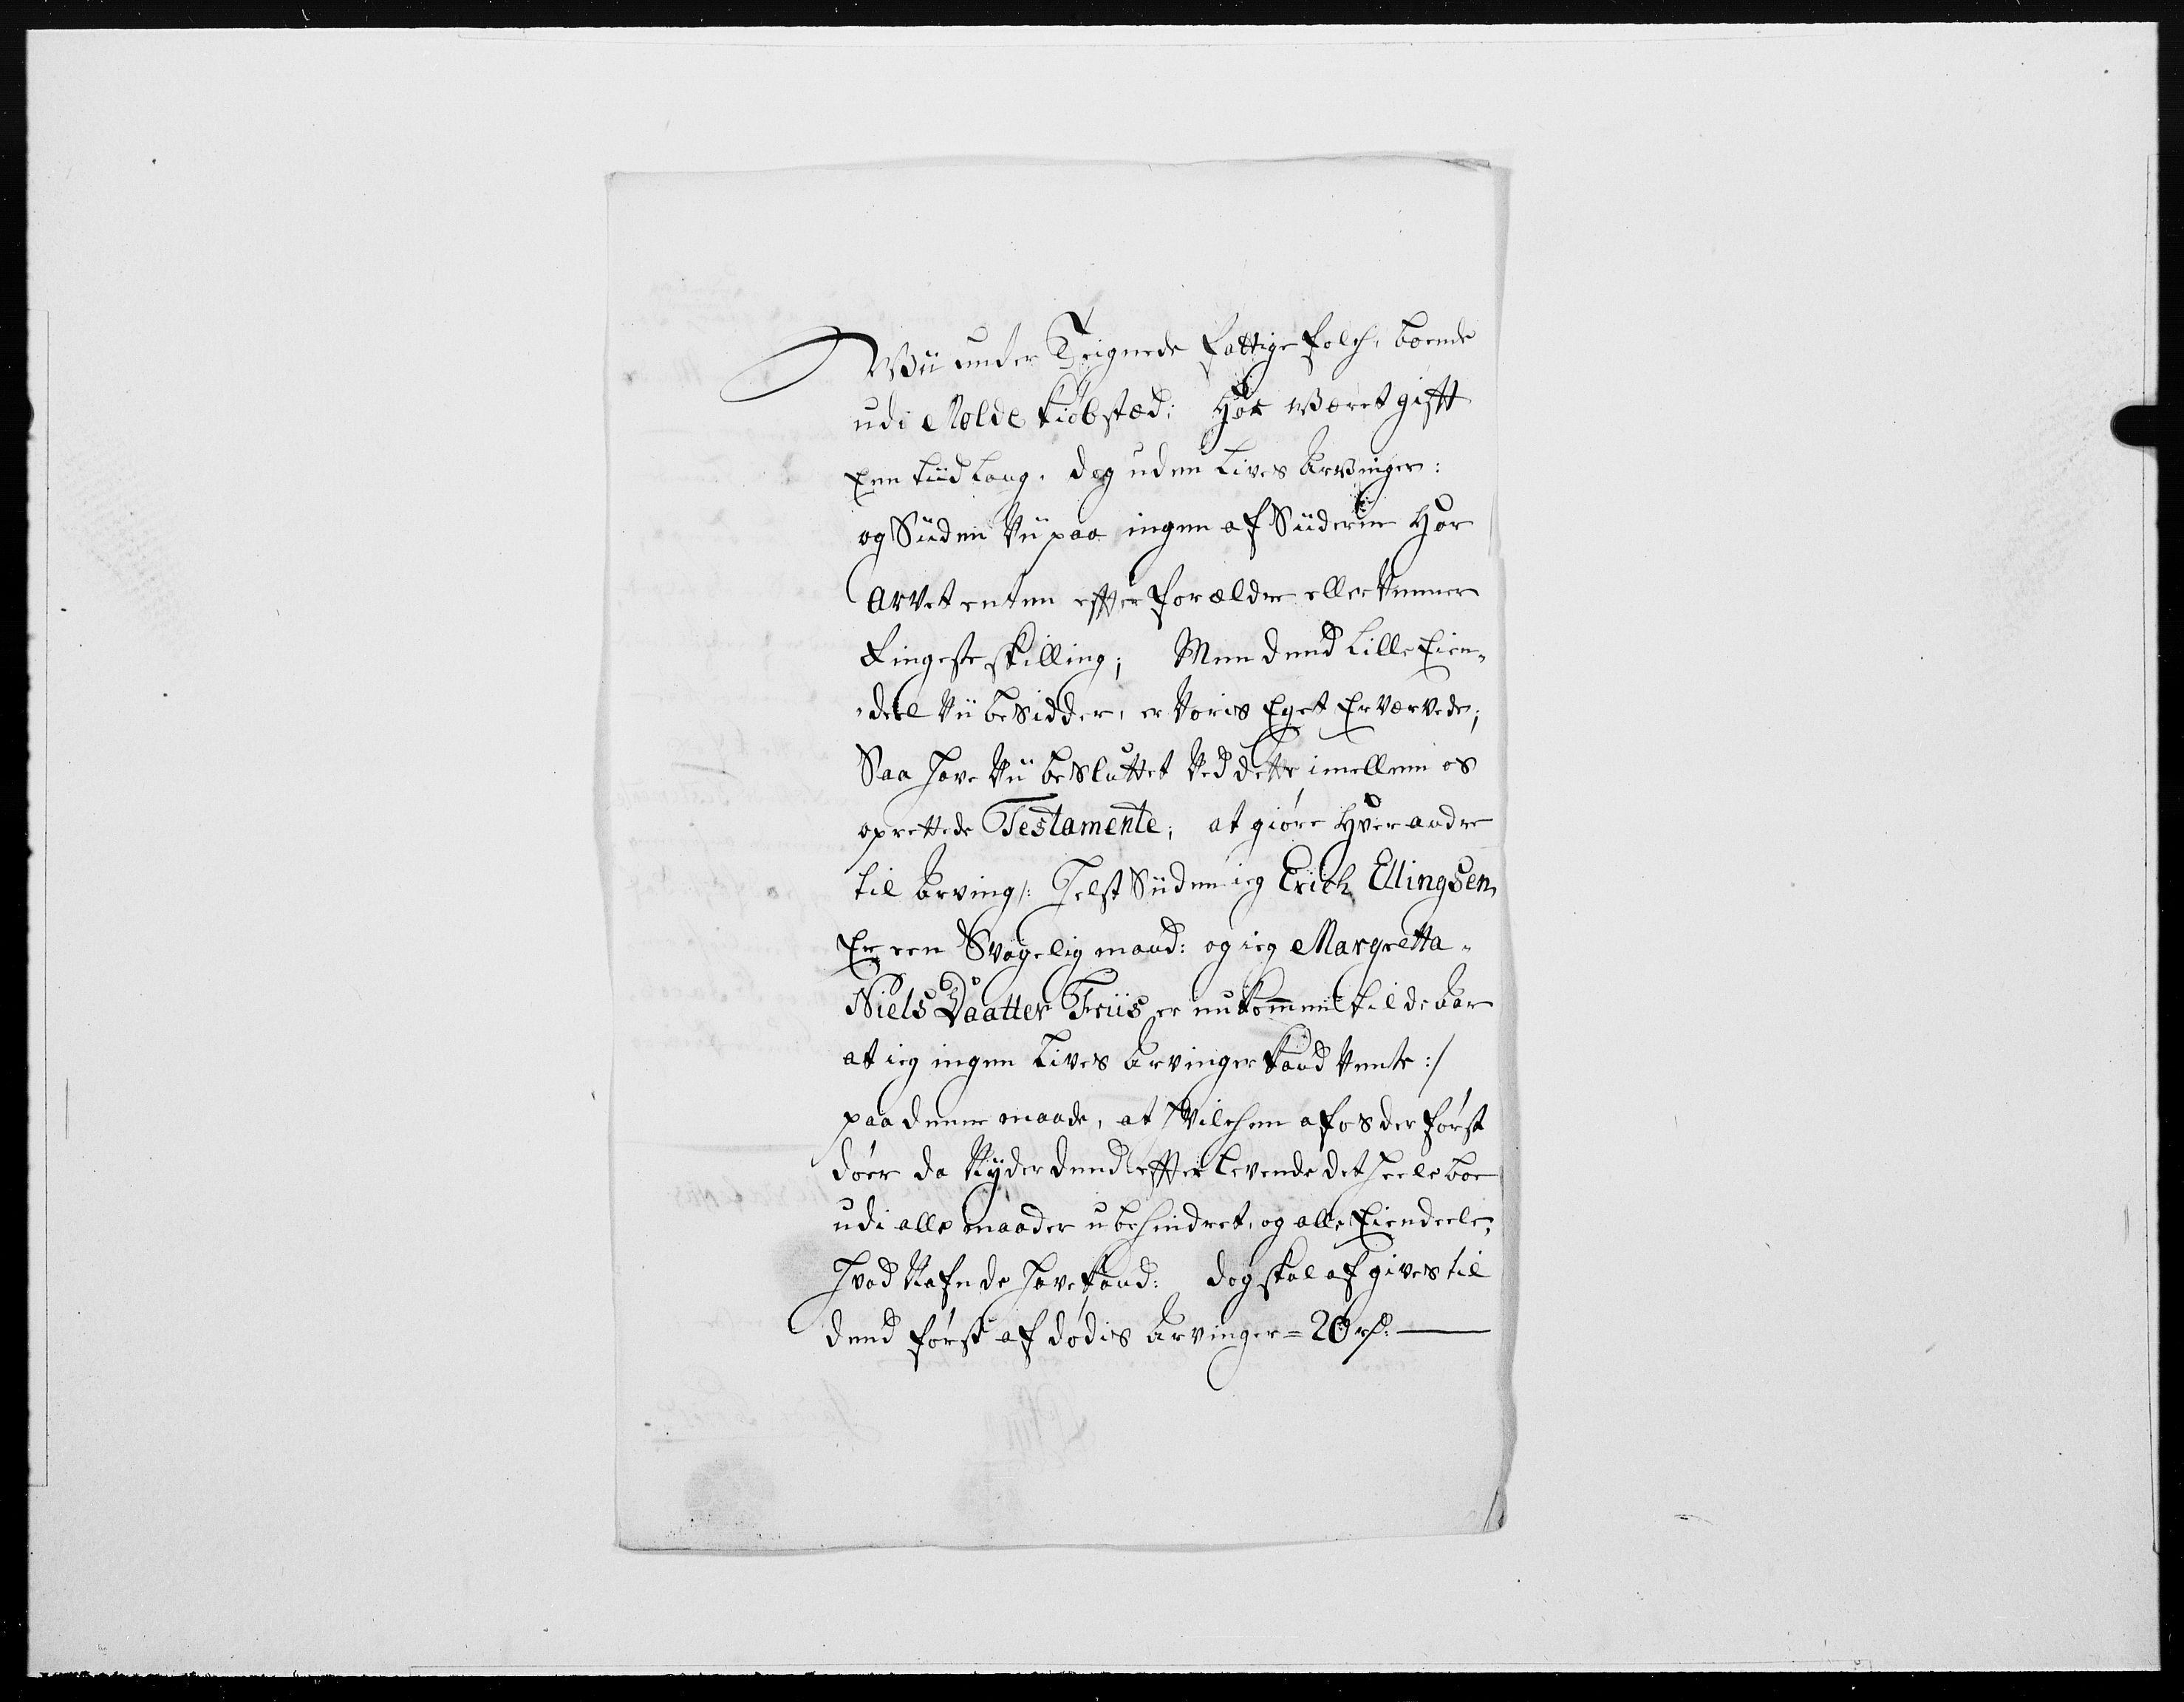 RA, Danske Kanselli 1572-1799, F/Fc/Fcc/Fcca/L0137: Norske innlegg 1572-1799, 1743, s. 29